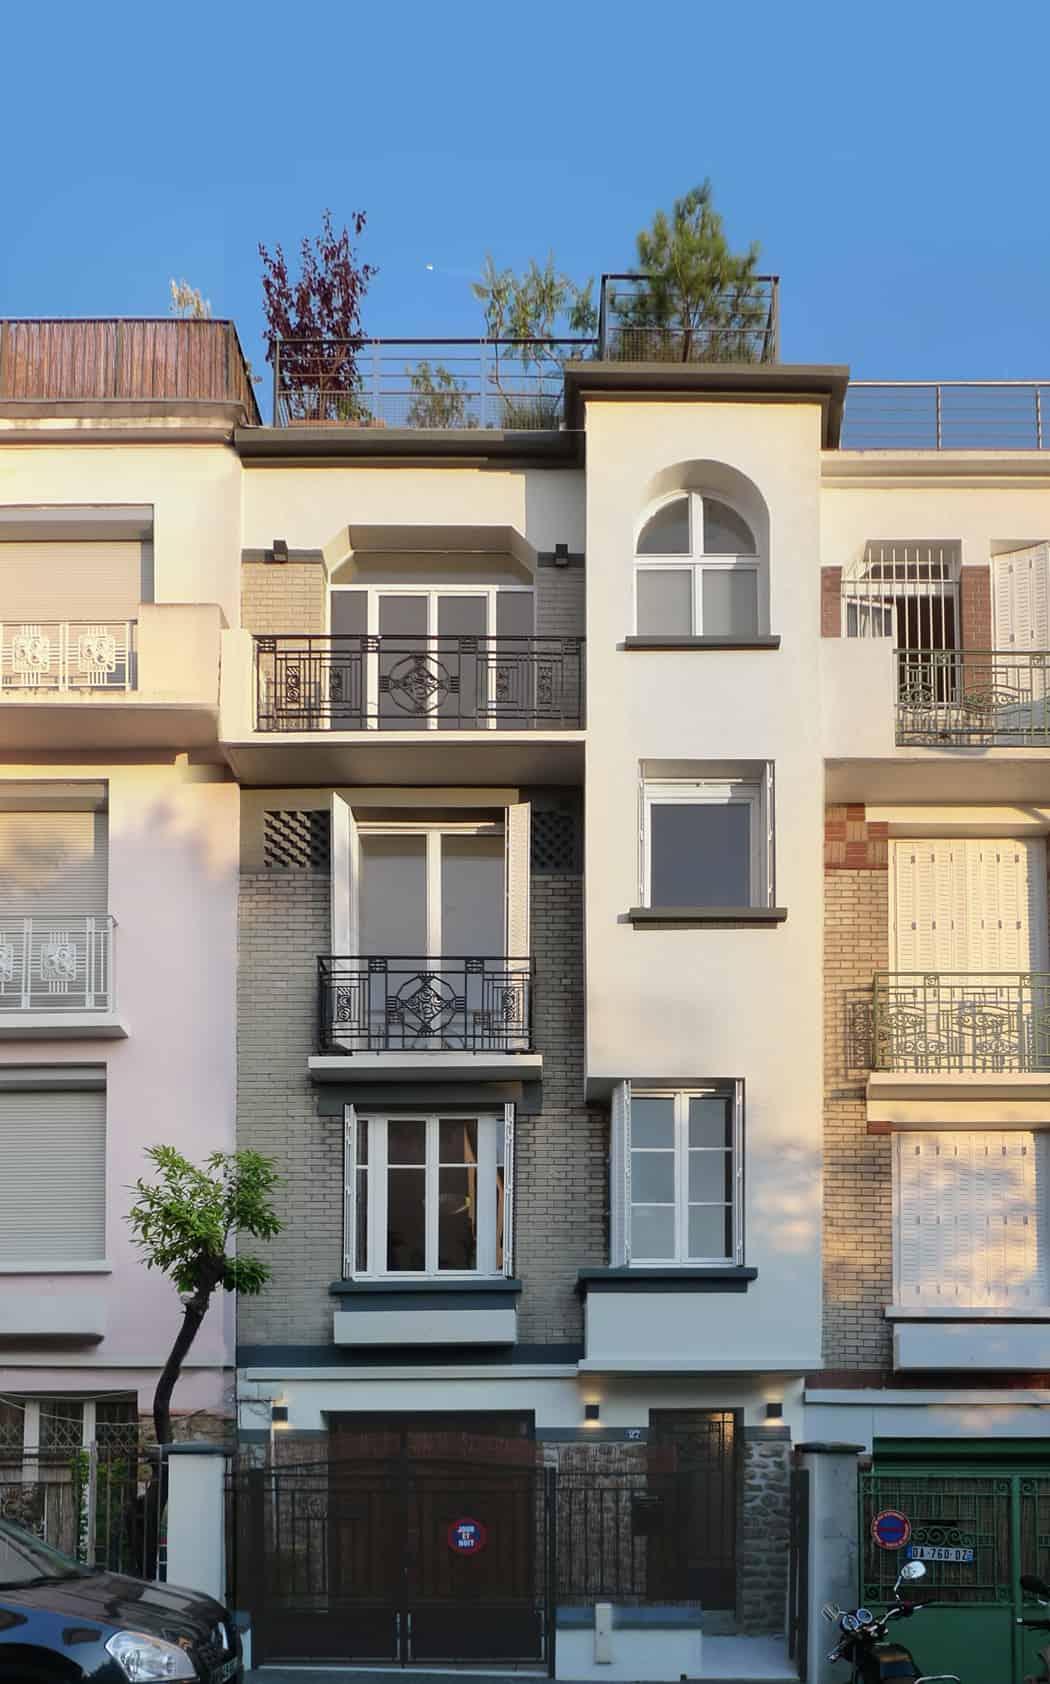 Paris Row House by Eitan Hammer (1)